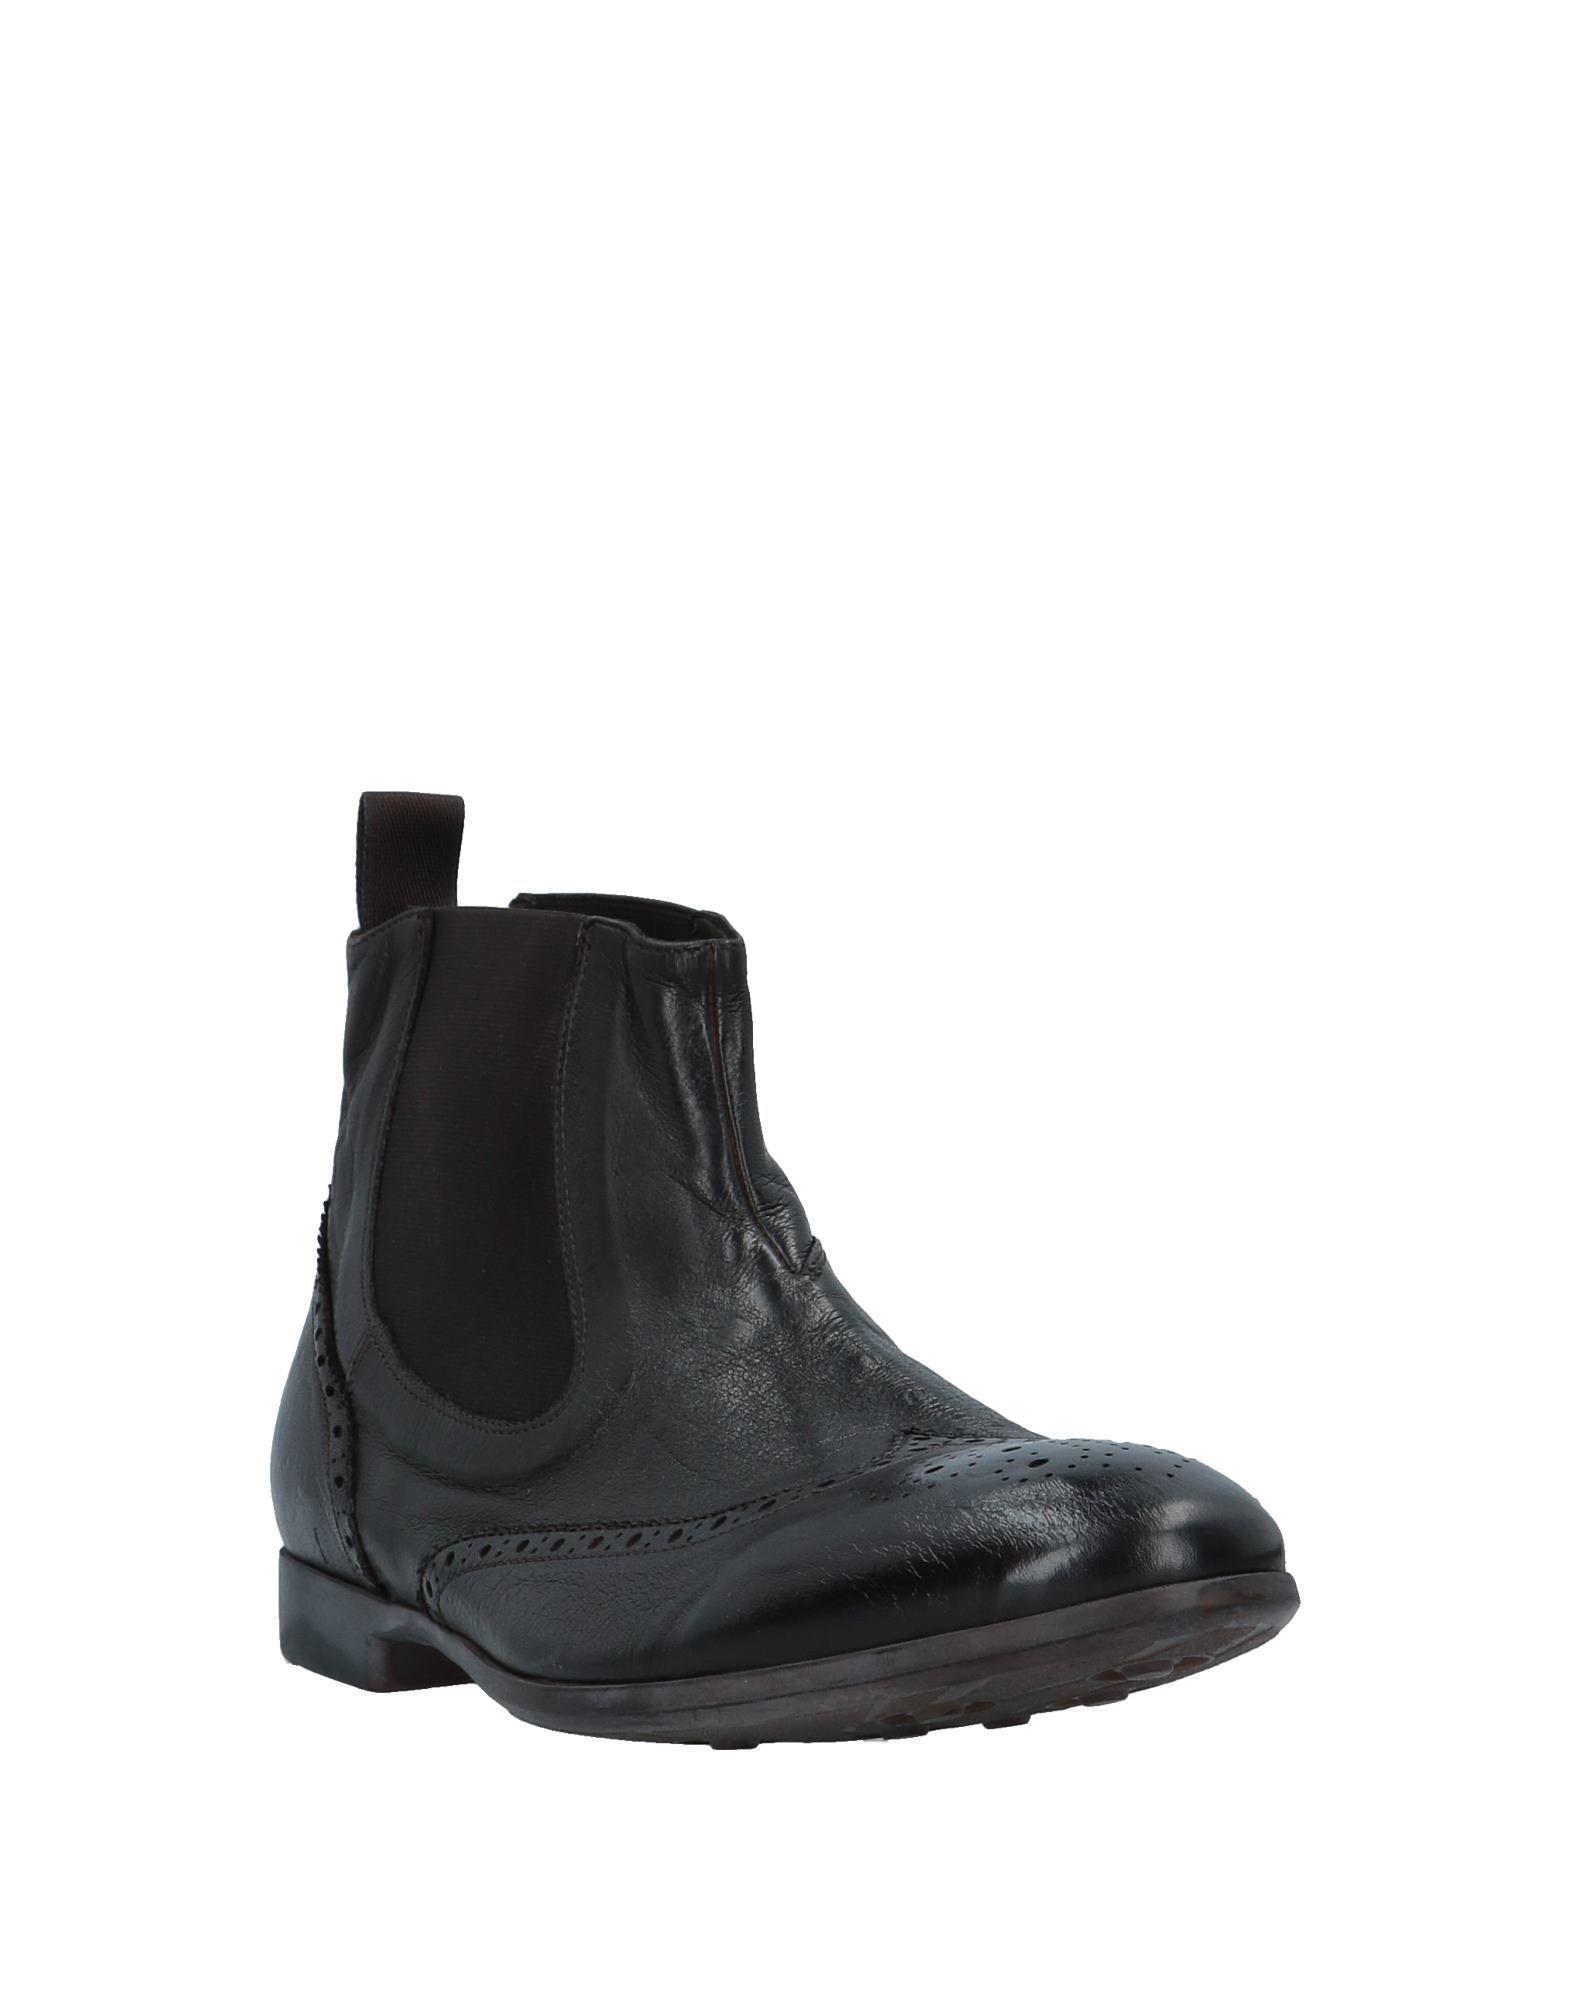 Ps By Paul Smith Stiefelette Herren beliebte  11537022LO Gute Qualität beliebte Herren Schuhe 410a41